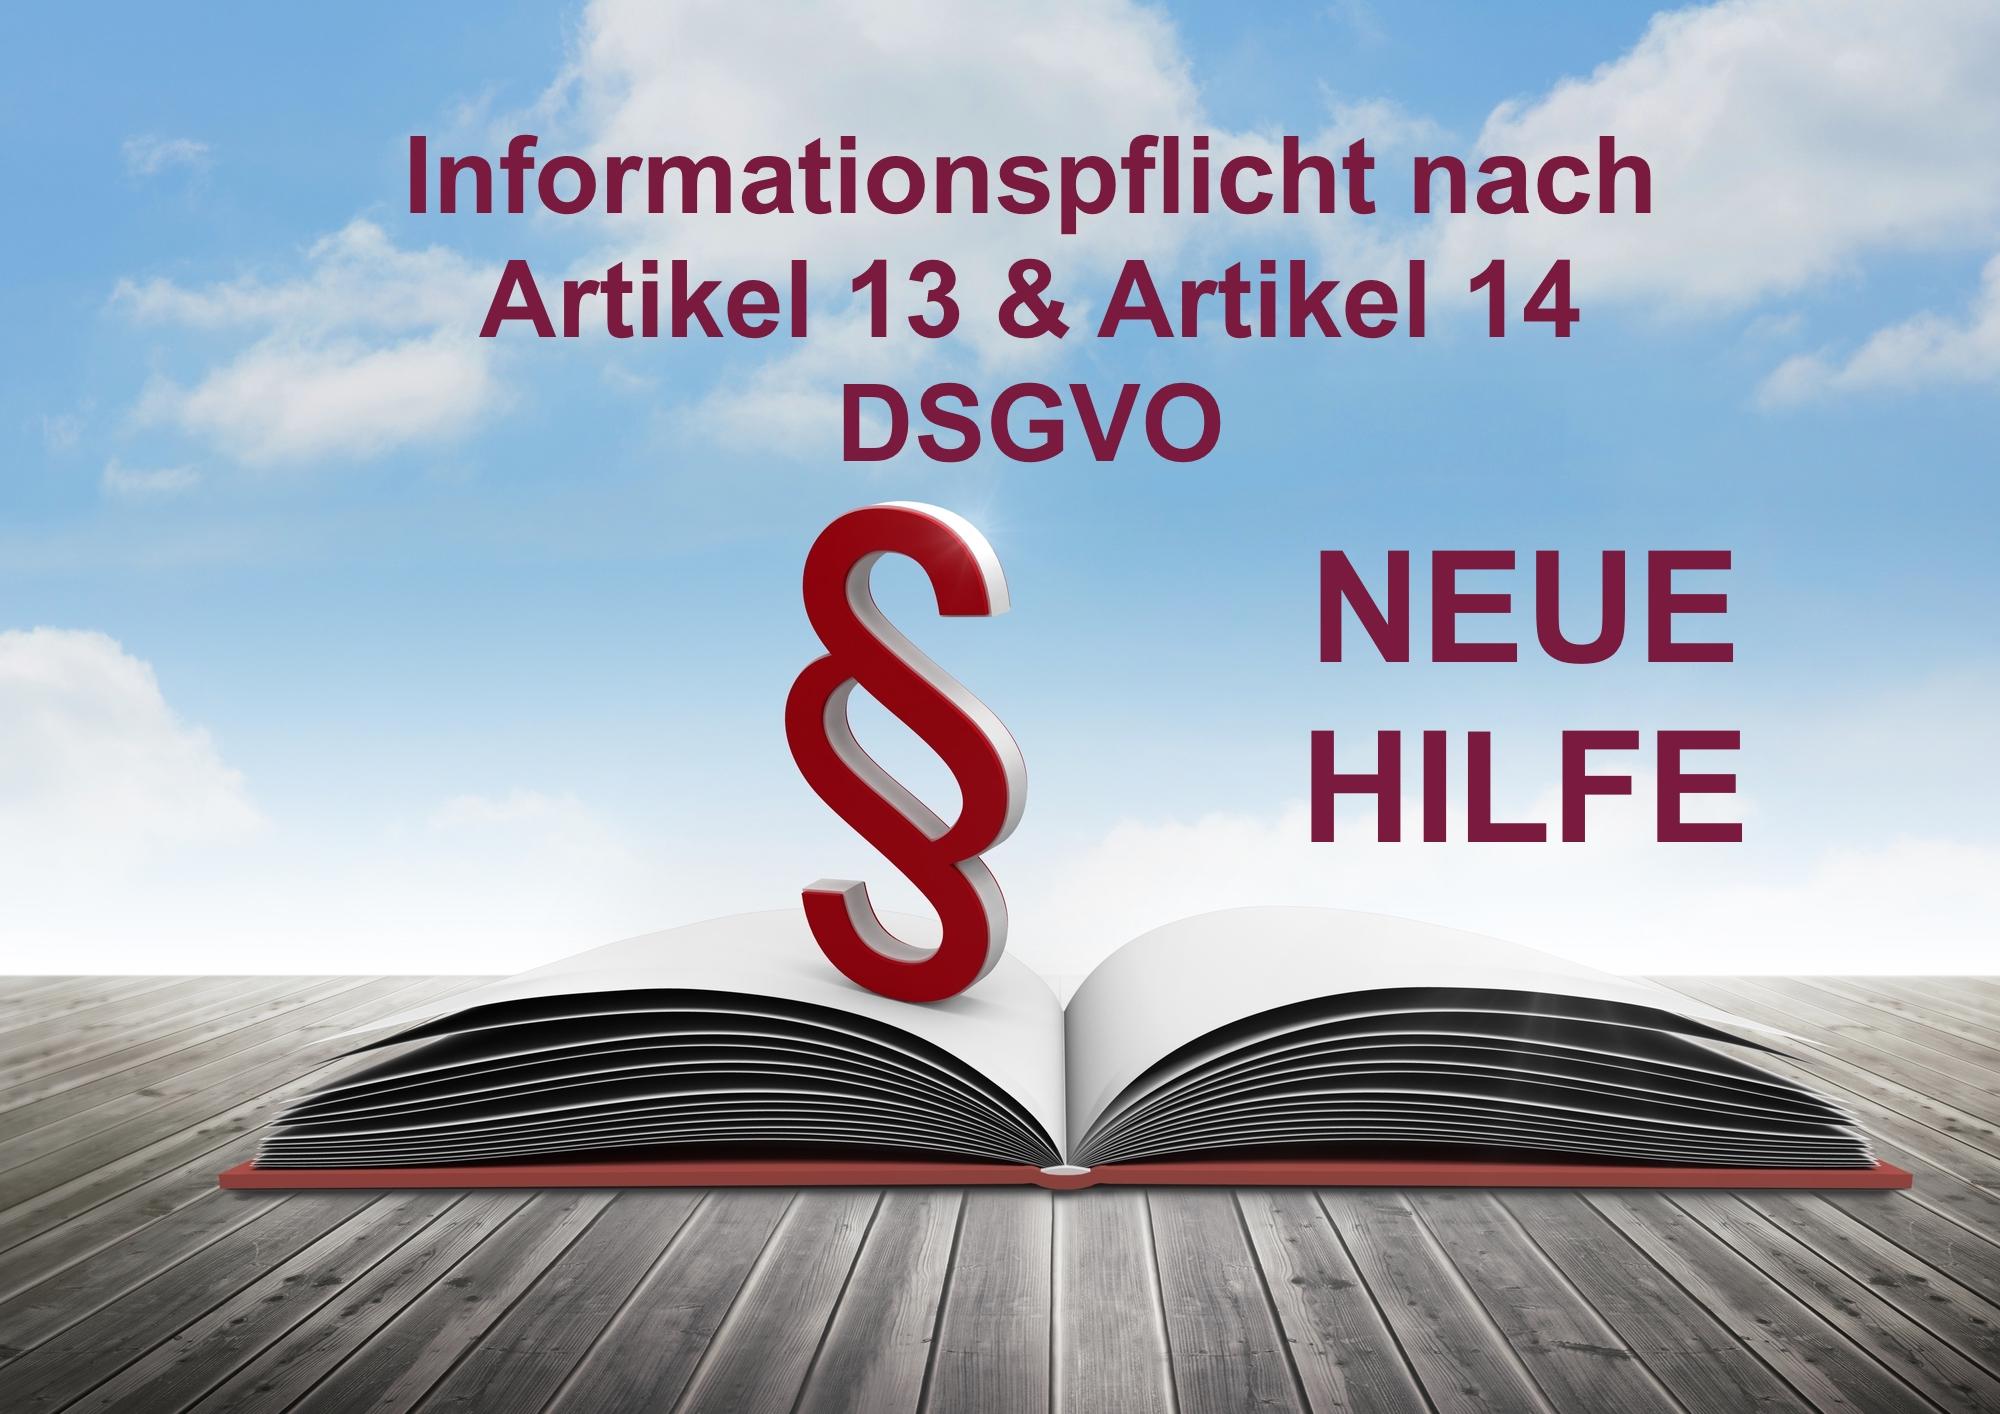 Informationspflicht Artikel 13 und 14 DSGVO